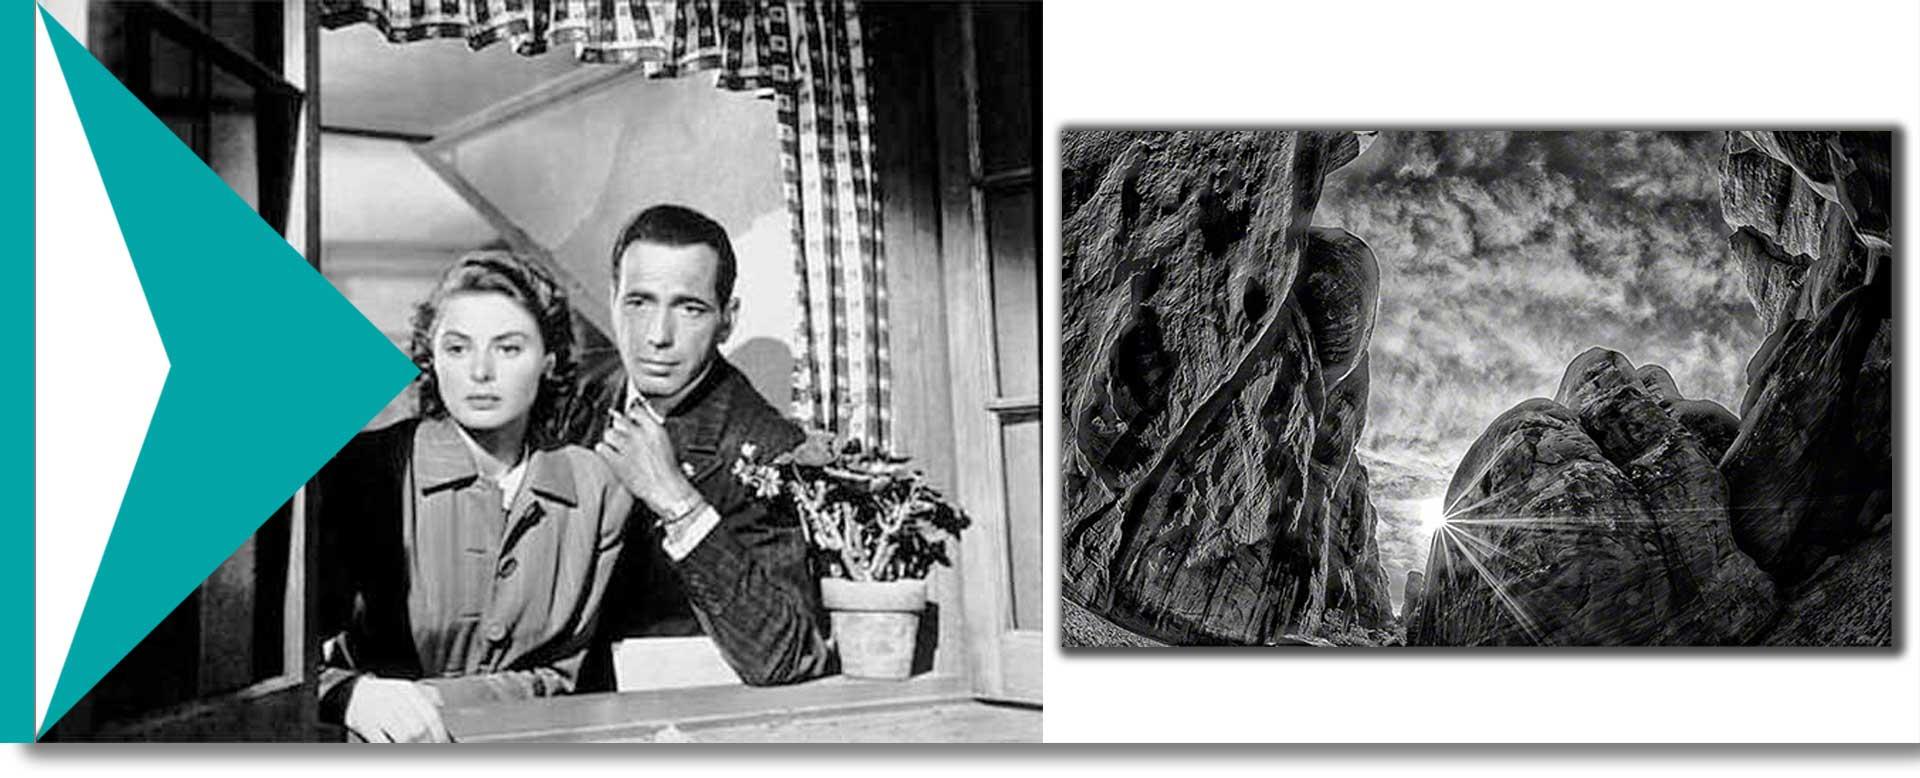 Stunning Black and Whites 10 1 - ویژگی عکس های سیاه و سفید کدامند و چگونه میتوان به آنها دست یافت ؟